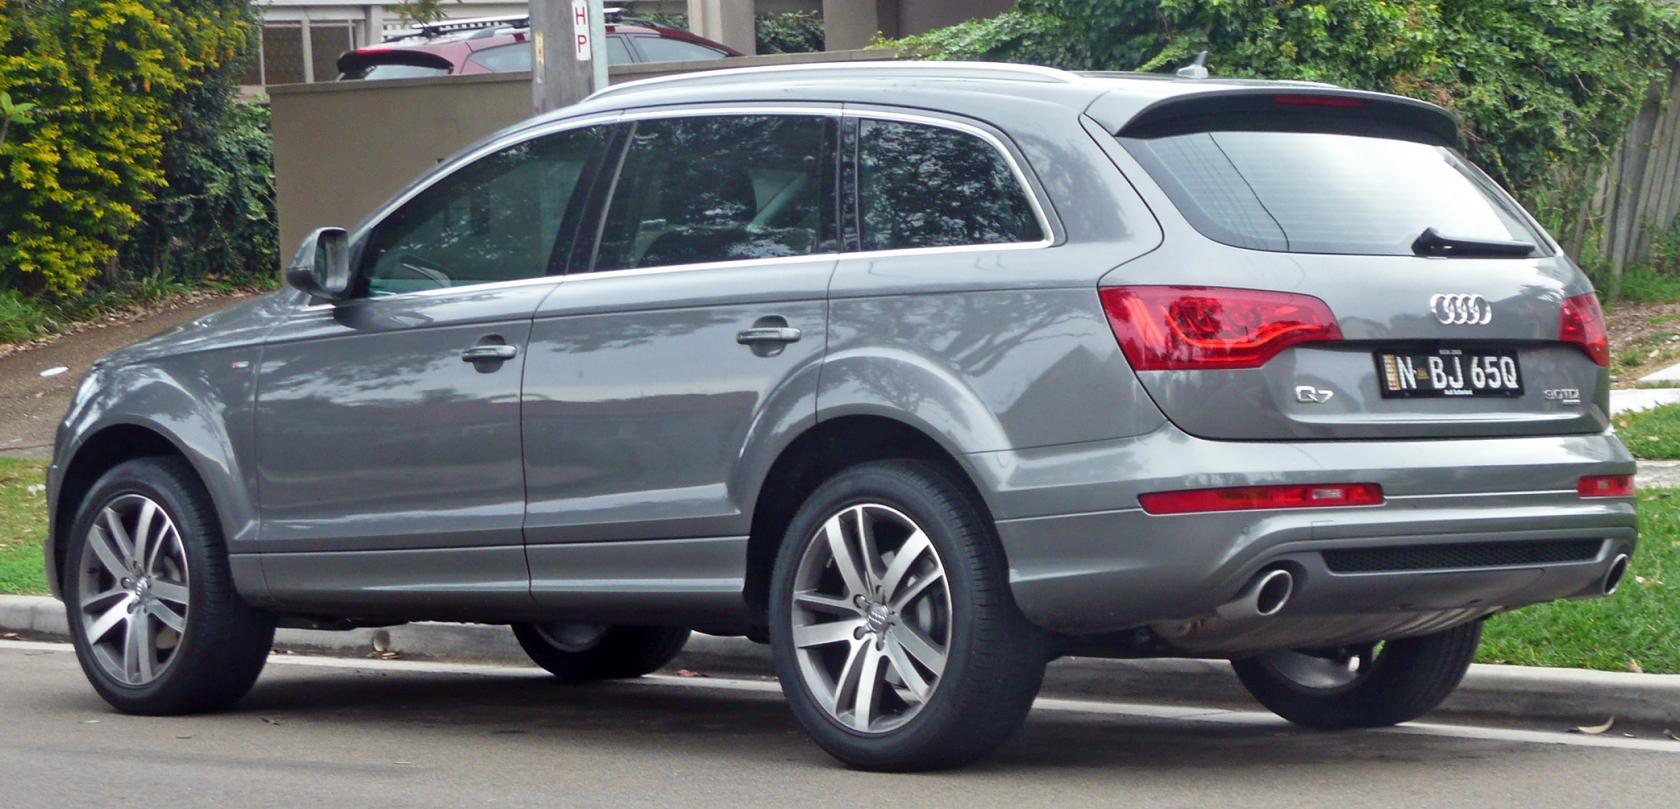 Audi-Q7-3